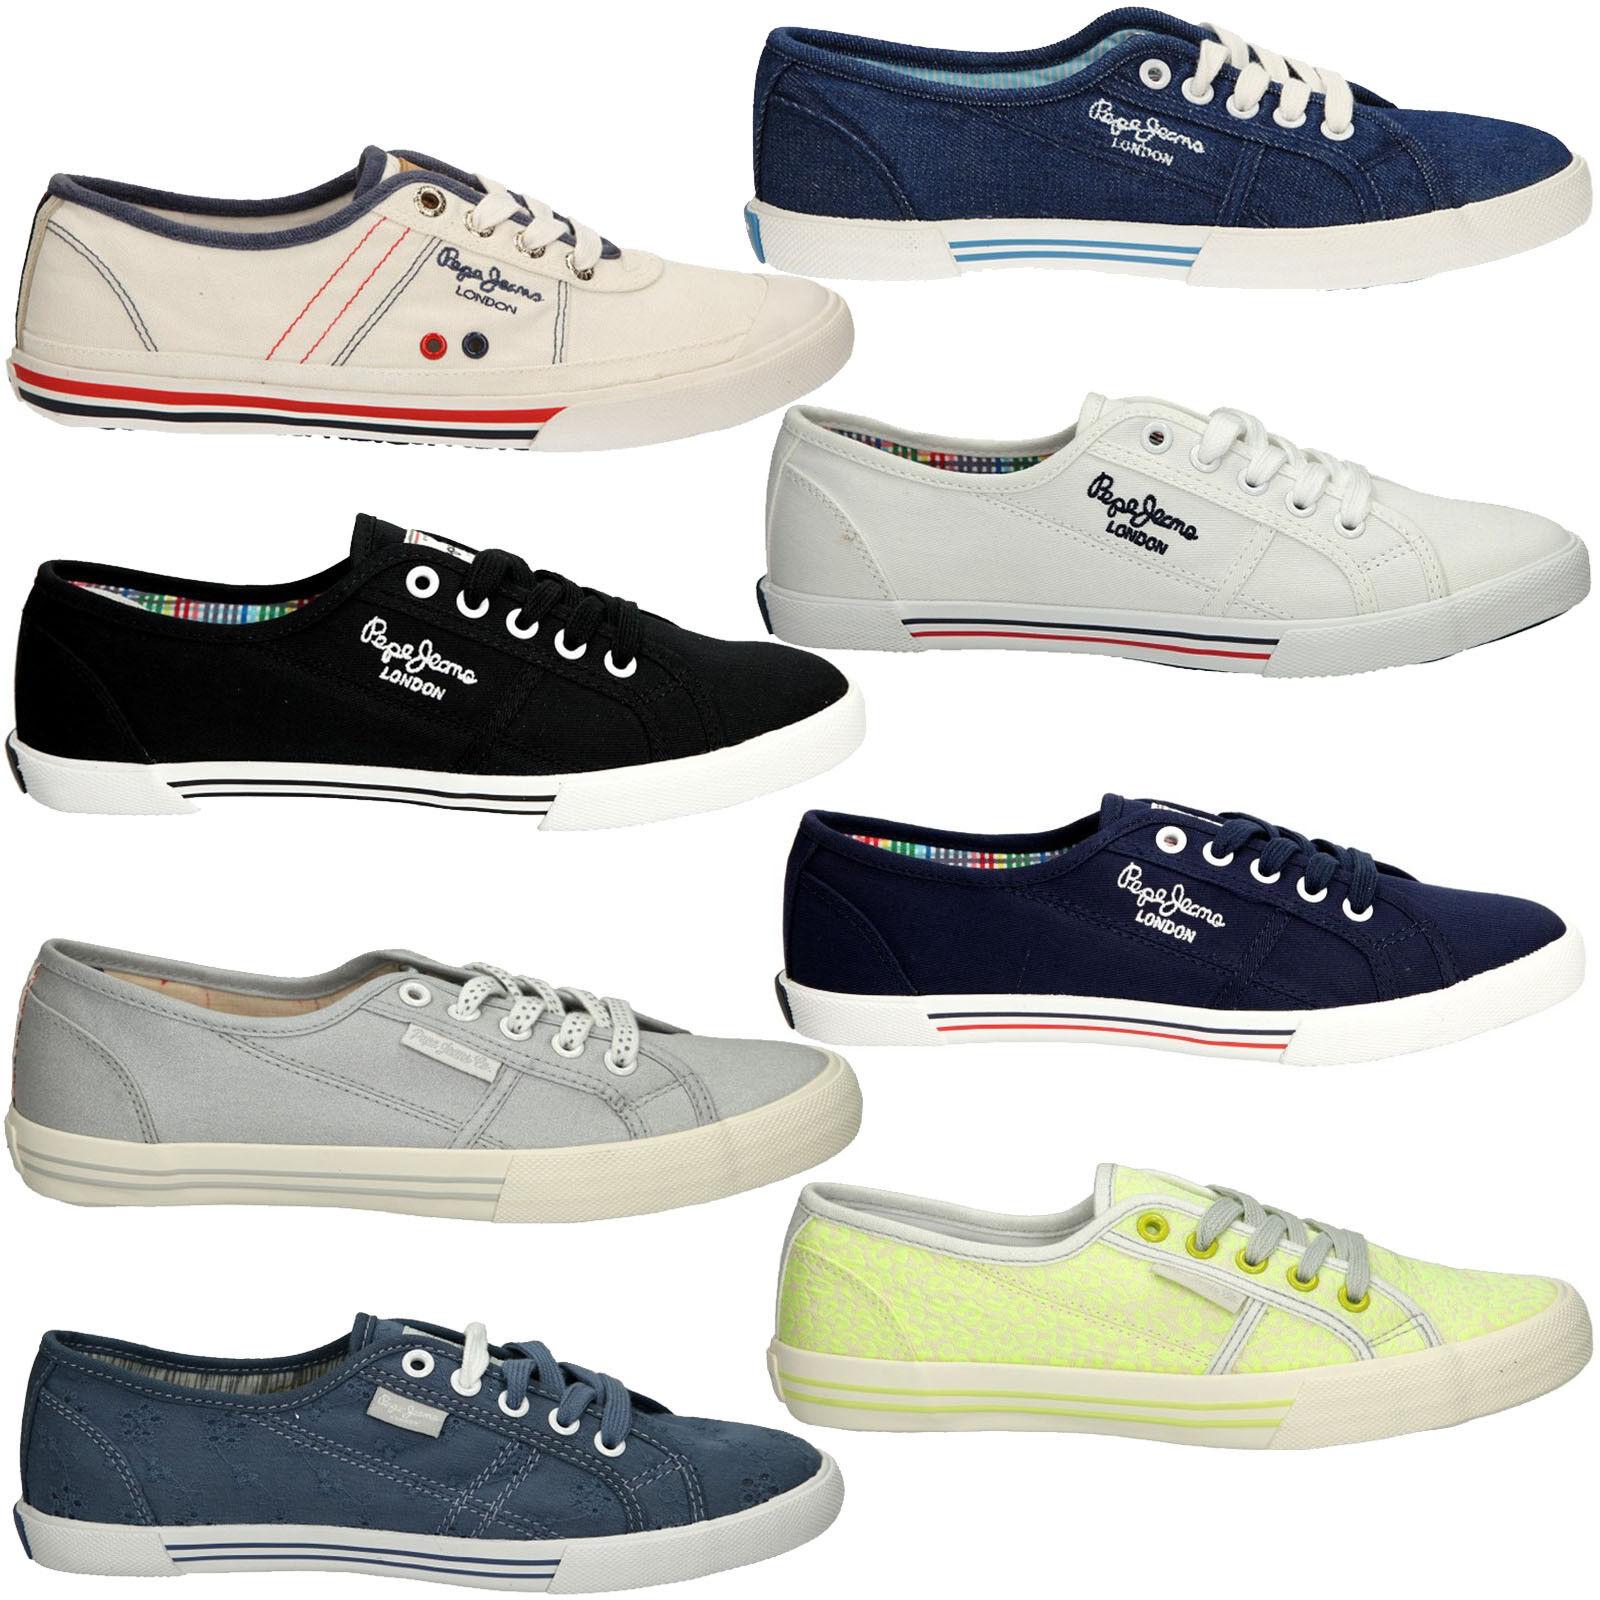 Damen Turnschuhe Pepe Jeans Pls30087 Schuhe Flach Modisch Bequem Gr. 36-41 SALE